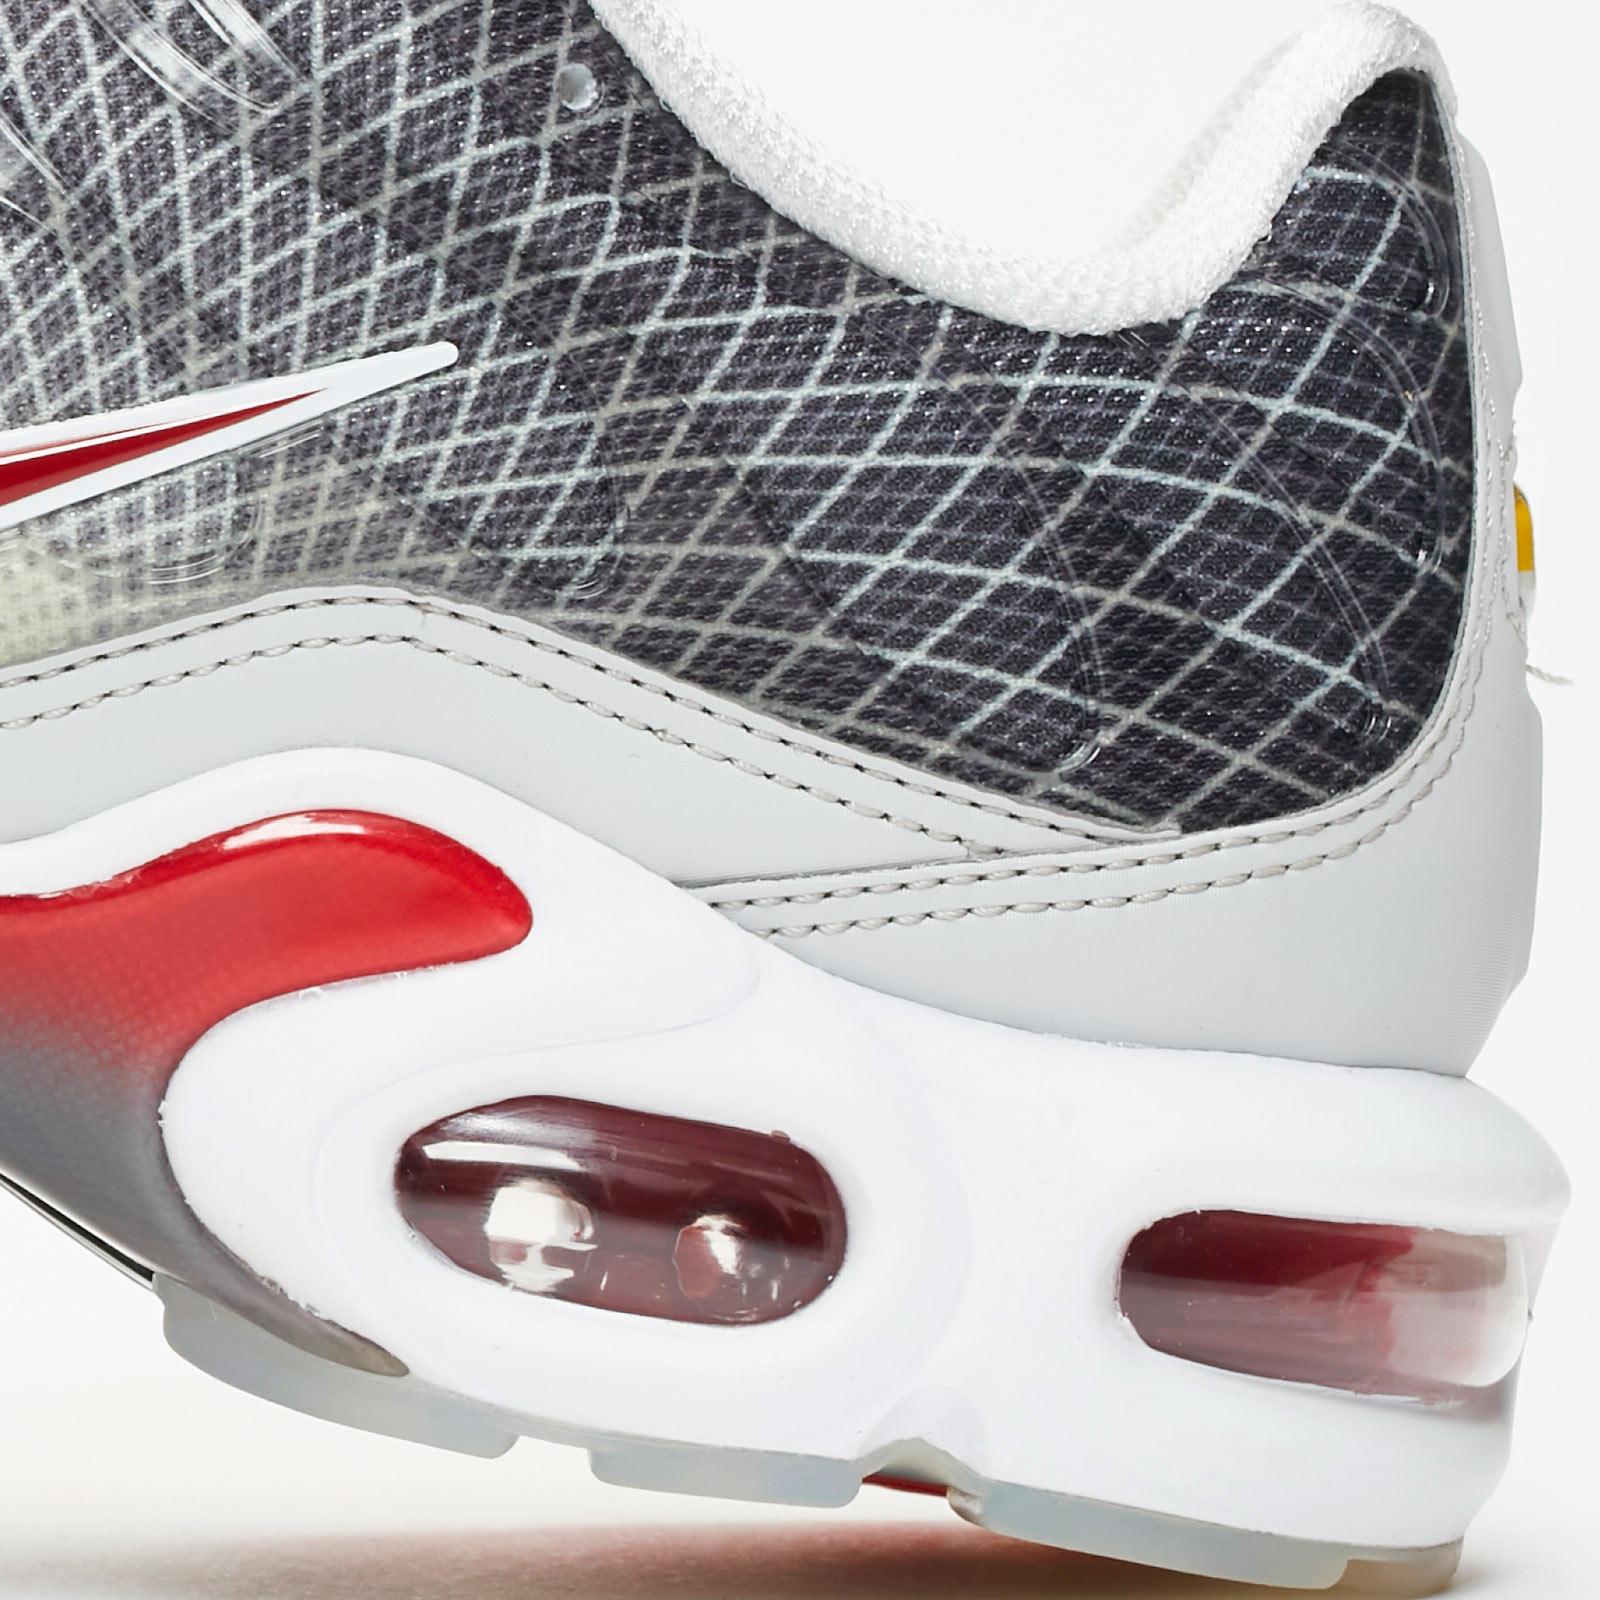 Nike Air Max Plus Og Bv1983 001 Sneakersnstuff Sneakers